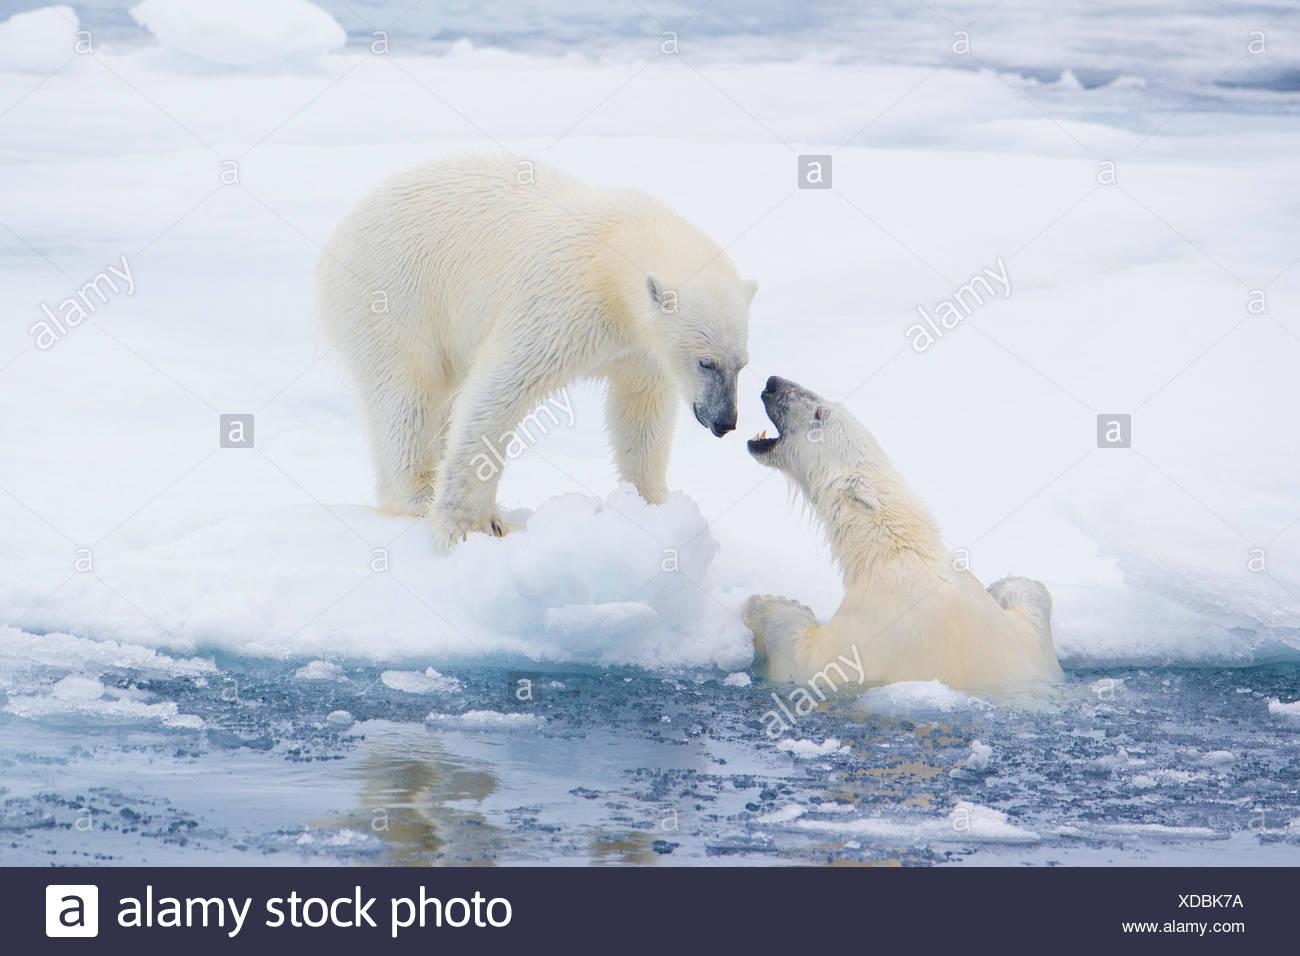 Femmina adulta orsi polari (ursus maritimus) interagendo sul mare di ghiaccio, arcipelago delle Svalbard, ARCTIC NORVEGIA Immagini Stock